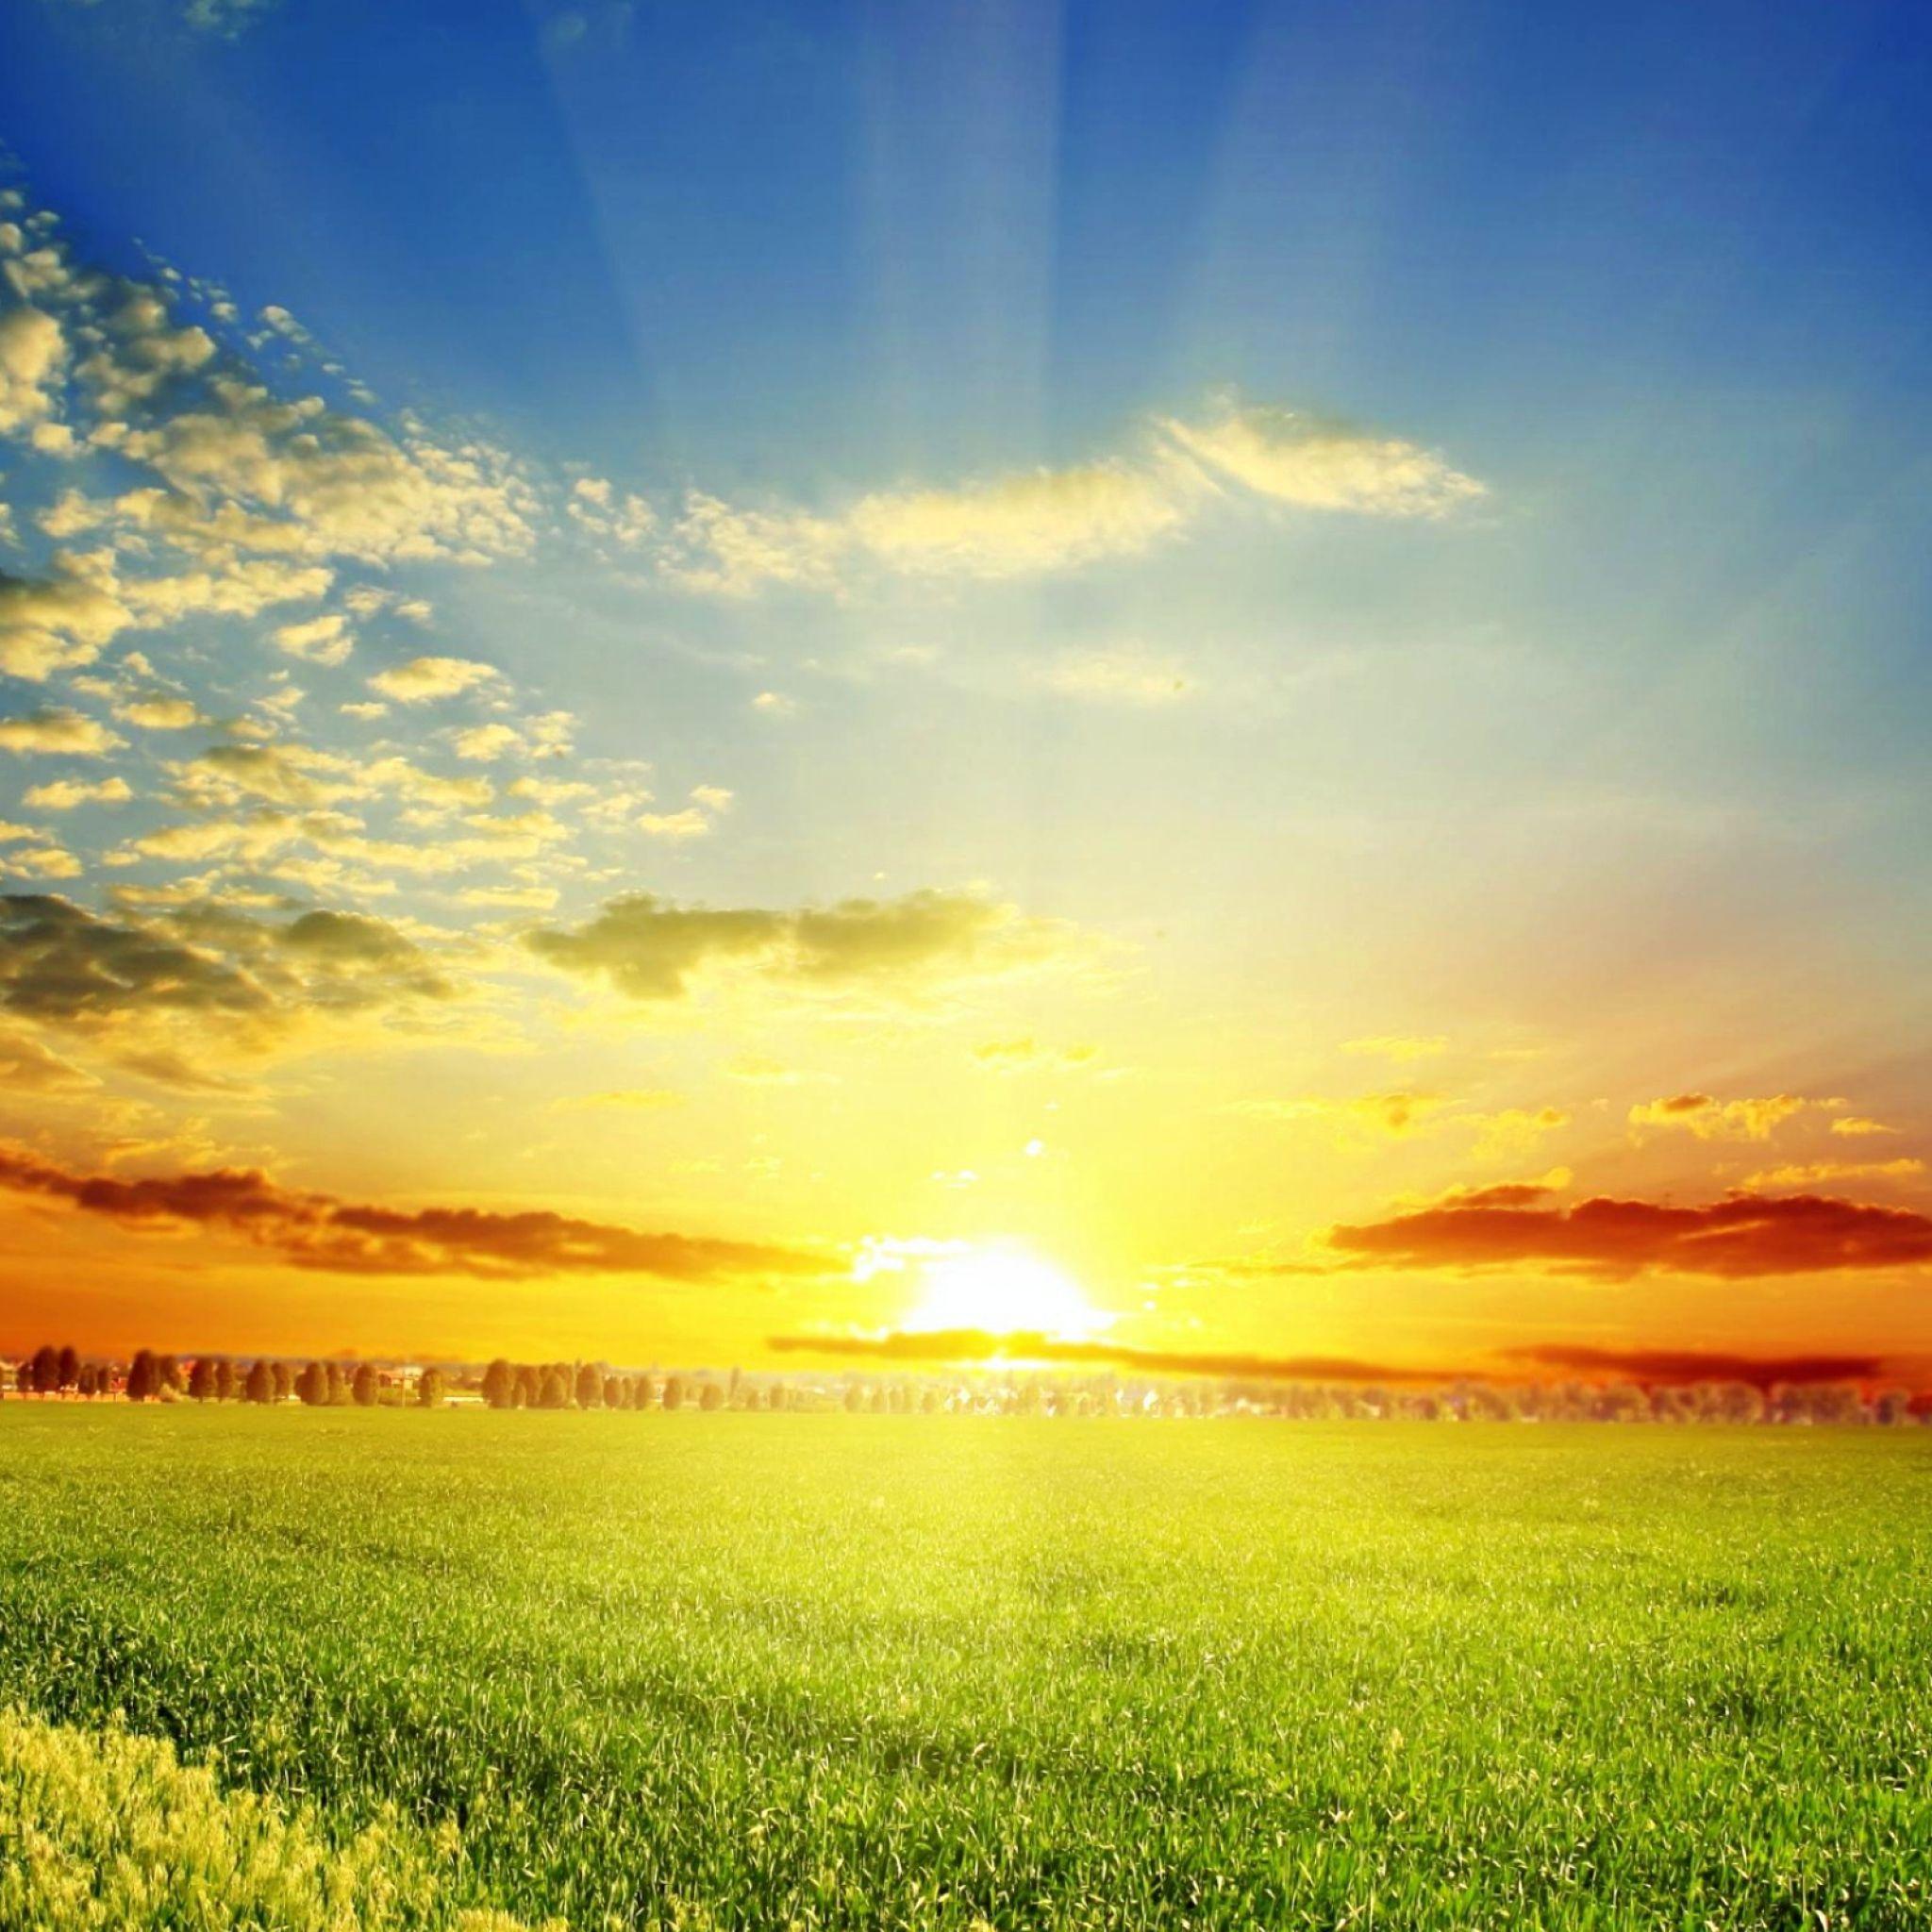 2048x2048 Papel De Parede De Campo Sol Nuvens Com Imagens